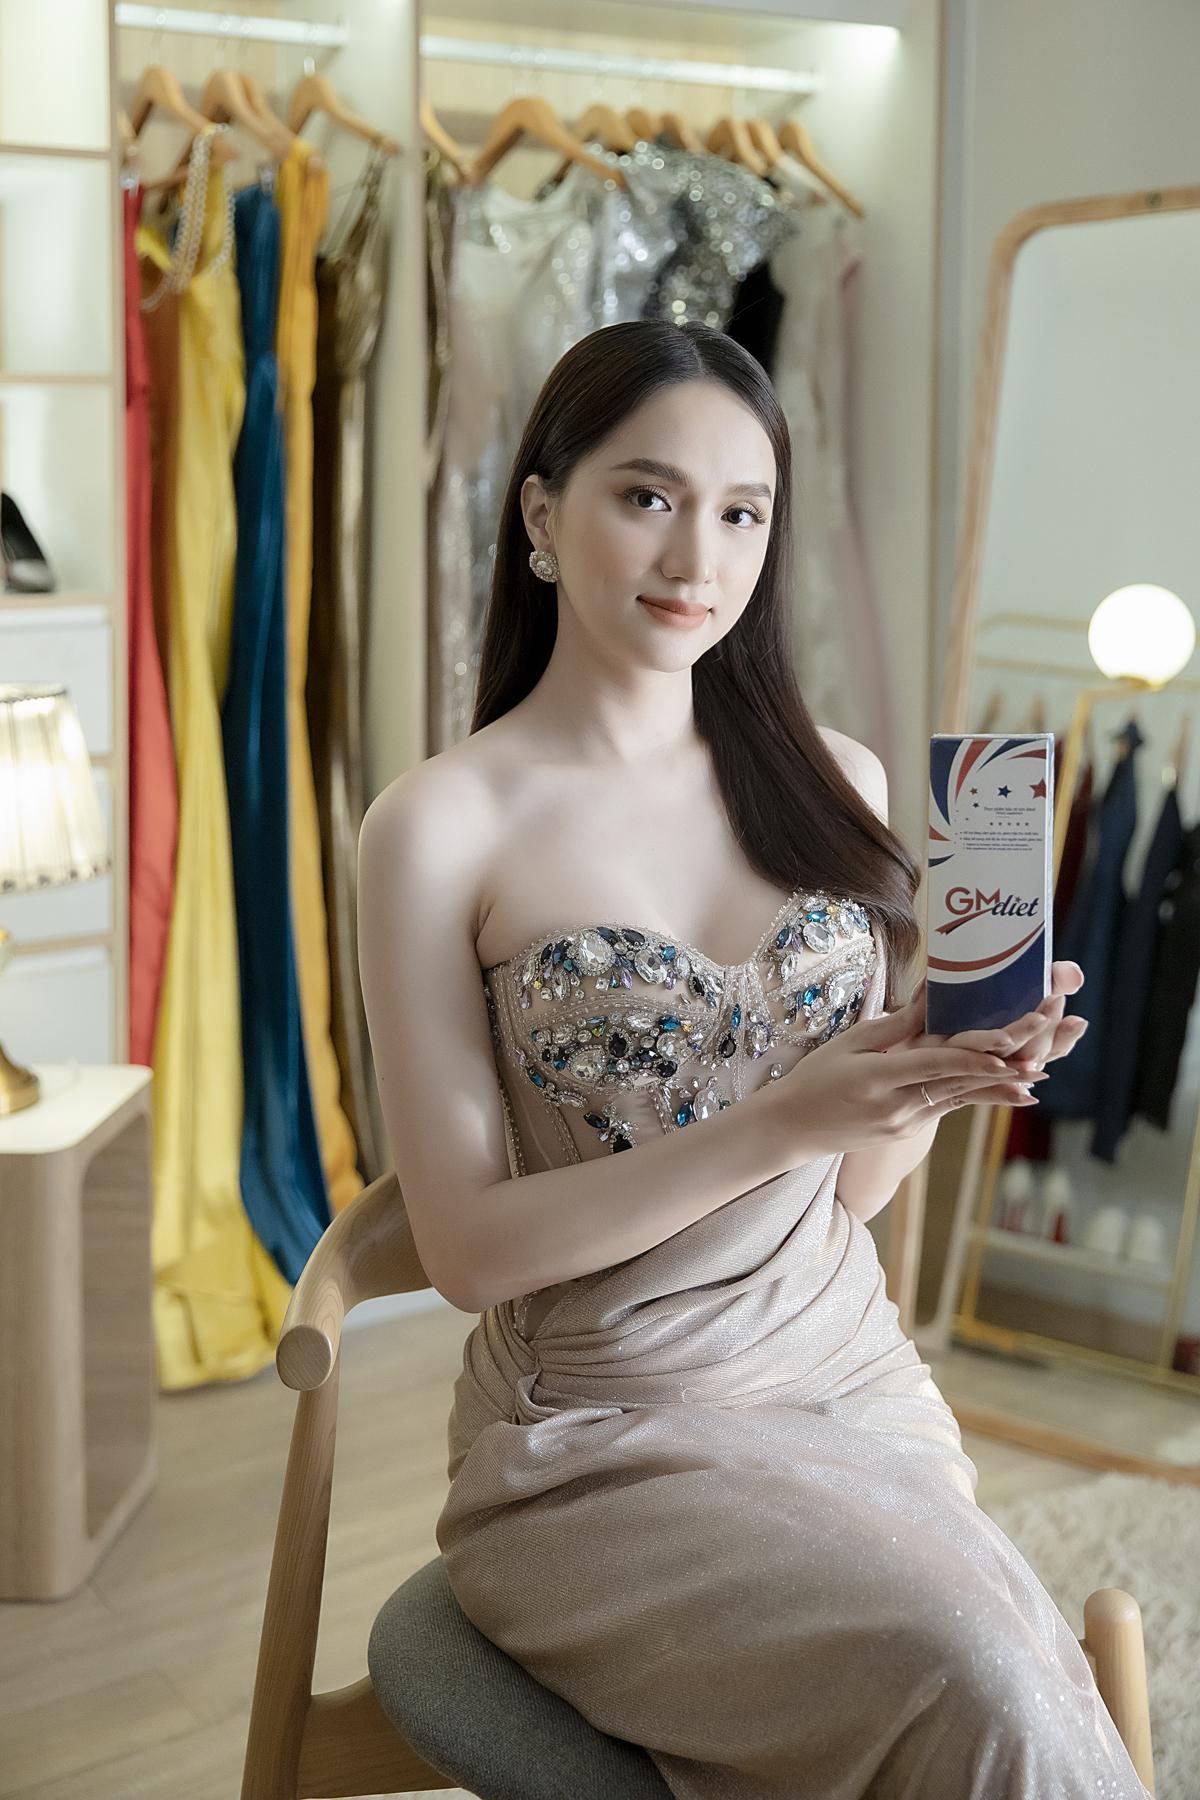 Hoa hậu Hương Giang cũng là một tín đồ của GM Diet.